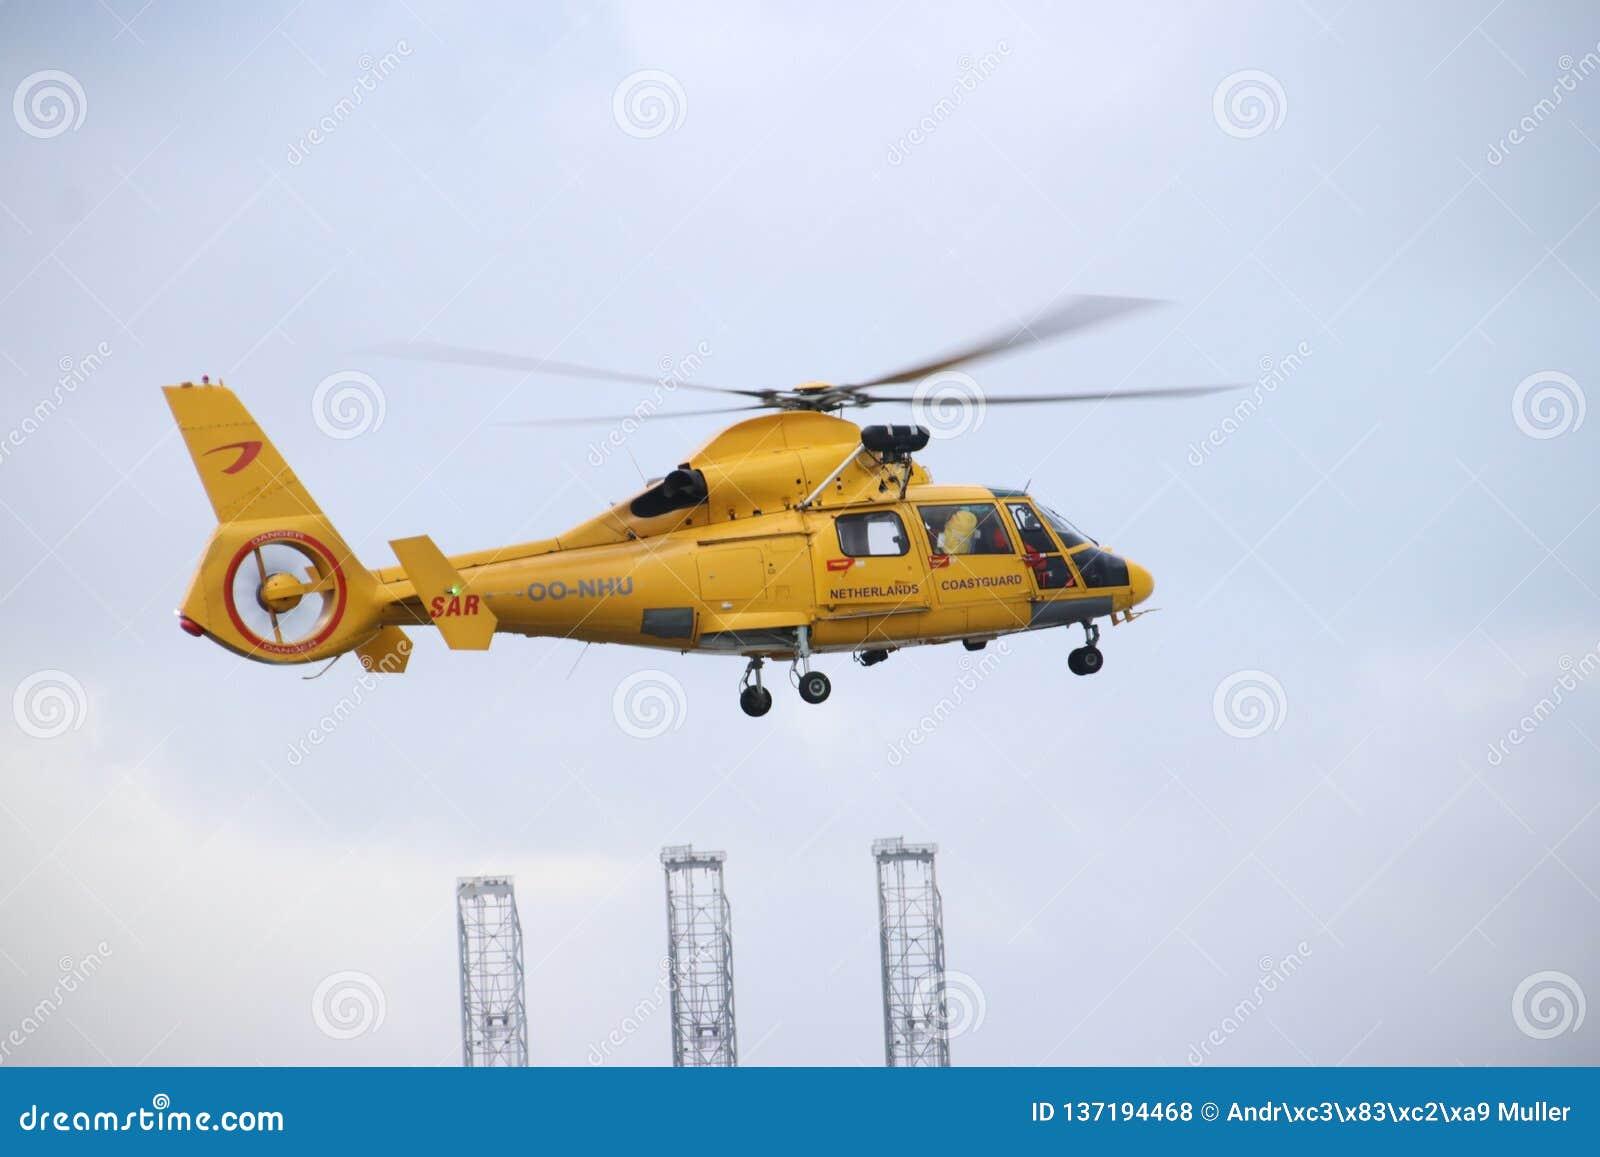 Oo-NHU το ελικόπτερο από την ακτοφυλακή στις Κάτω Χώρες αφήνει την πλατφόρμα για τη δράση στο λιμάνι Europoort στο λιμένα της απο